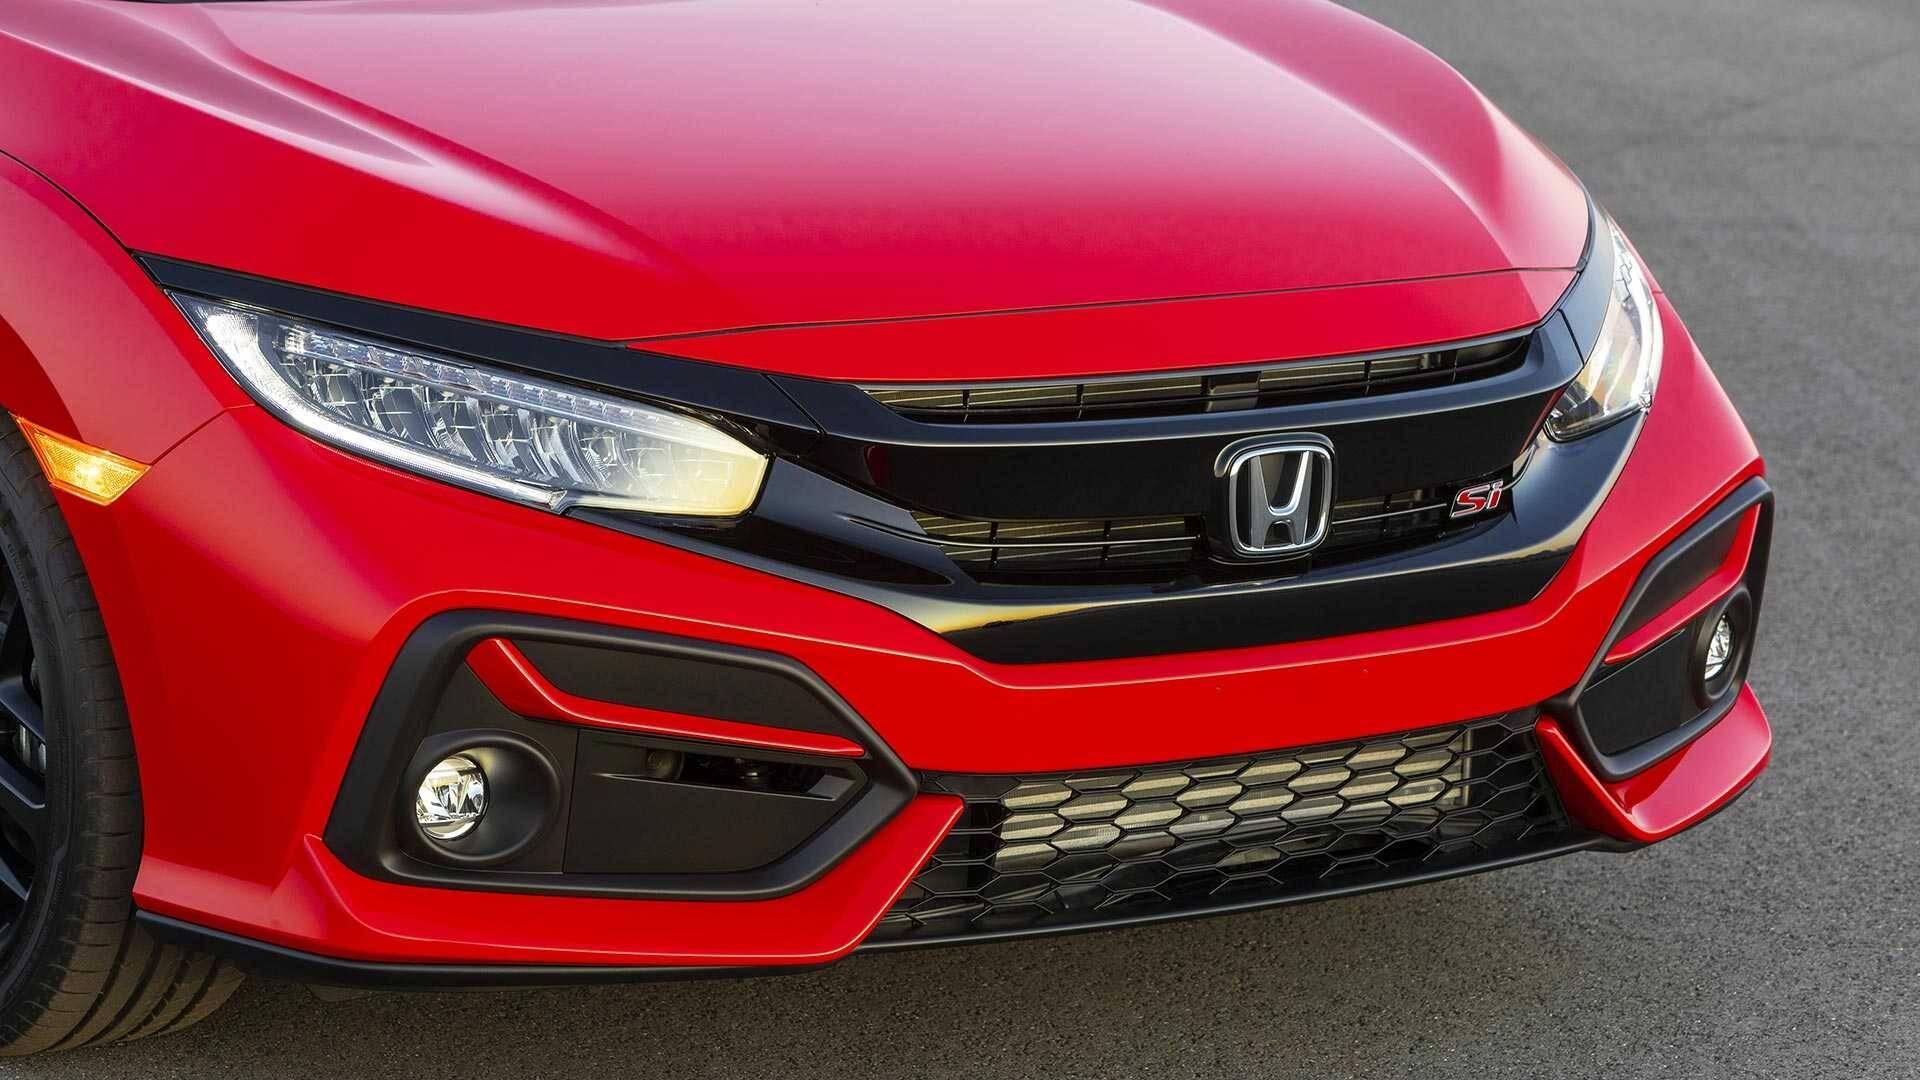 Honda Civic Si 2020. Foto: Divulgação